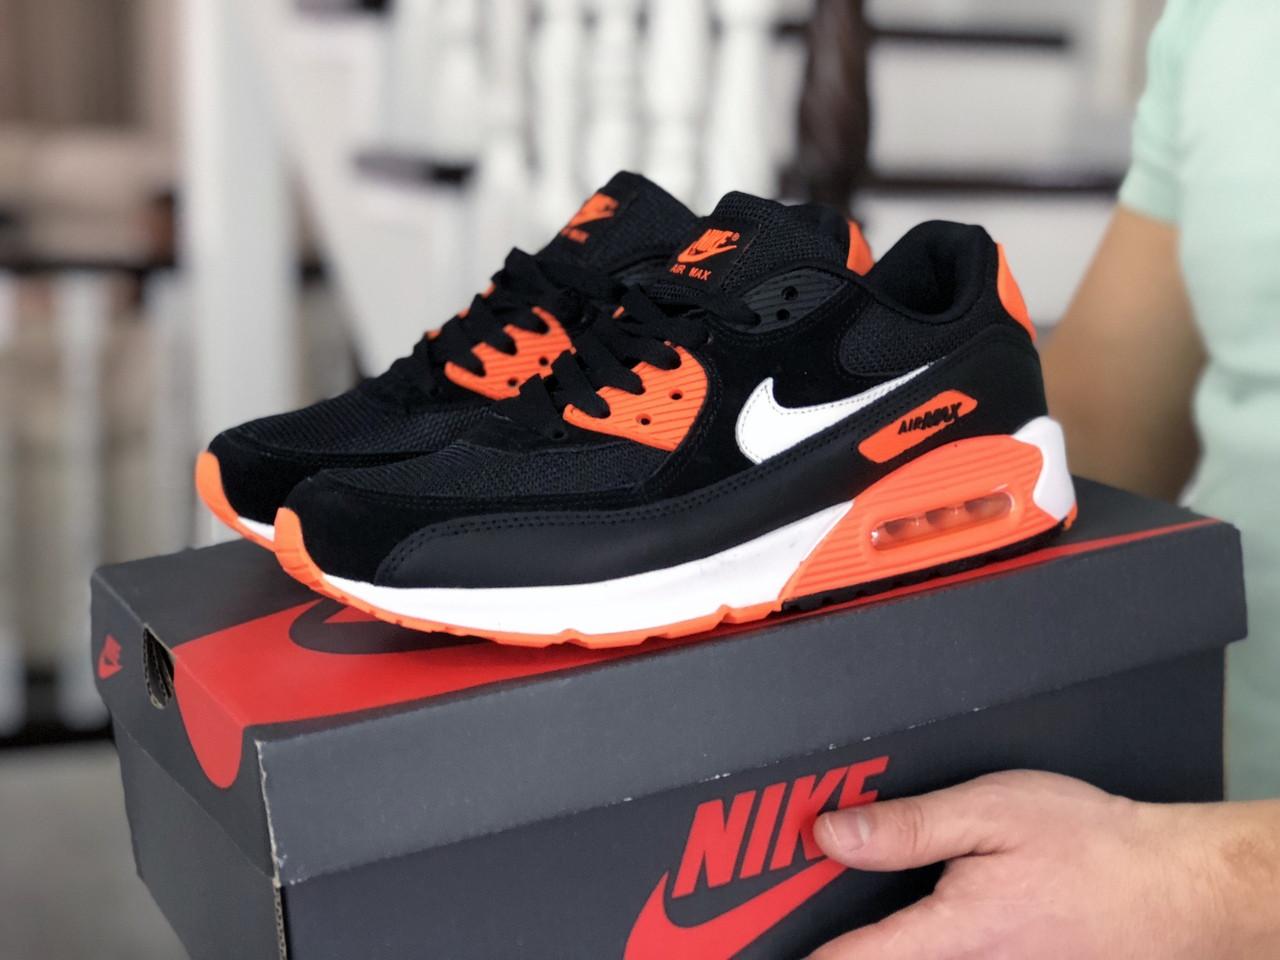 Чоловічі кросівки Nike Air Max 90 (чорно-білі з помаранчевим) 9054